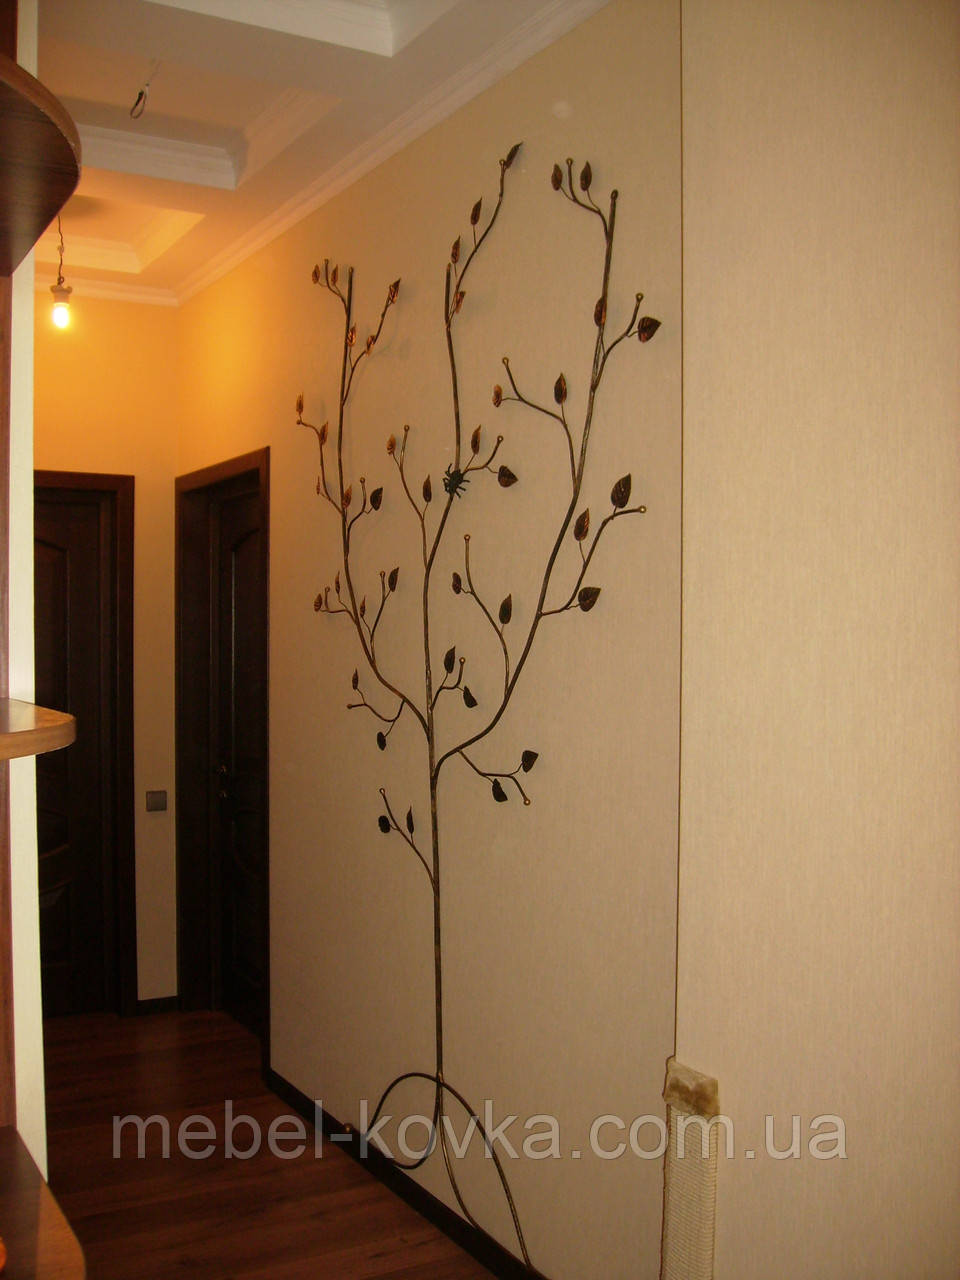 Кована вішалка у формі дерева 6